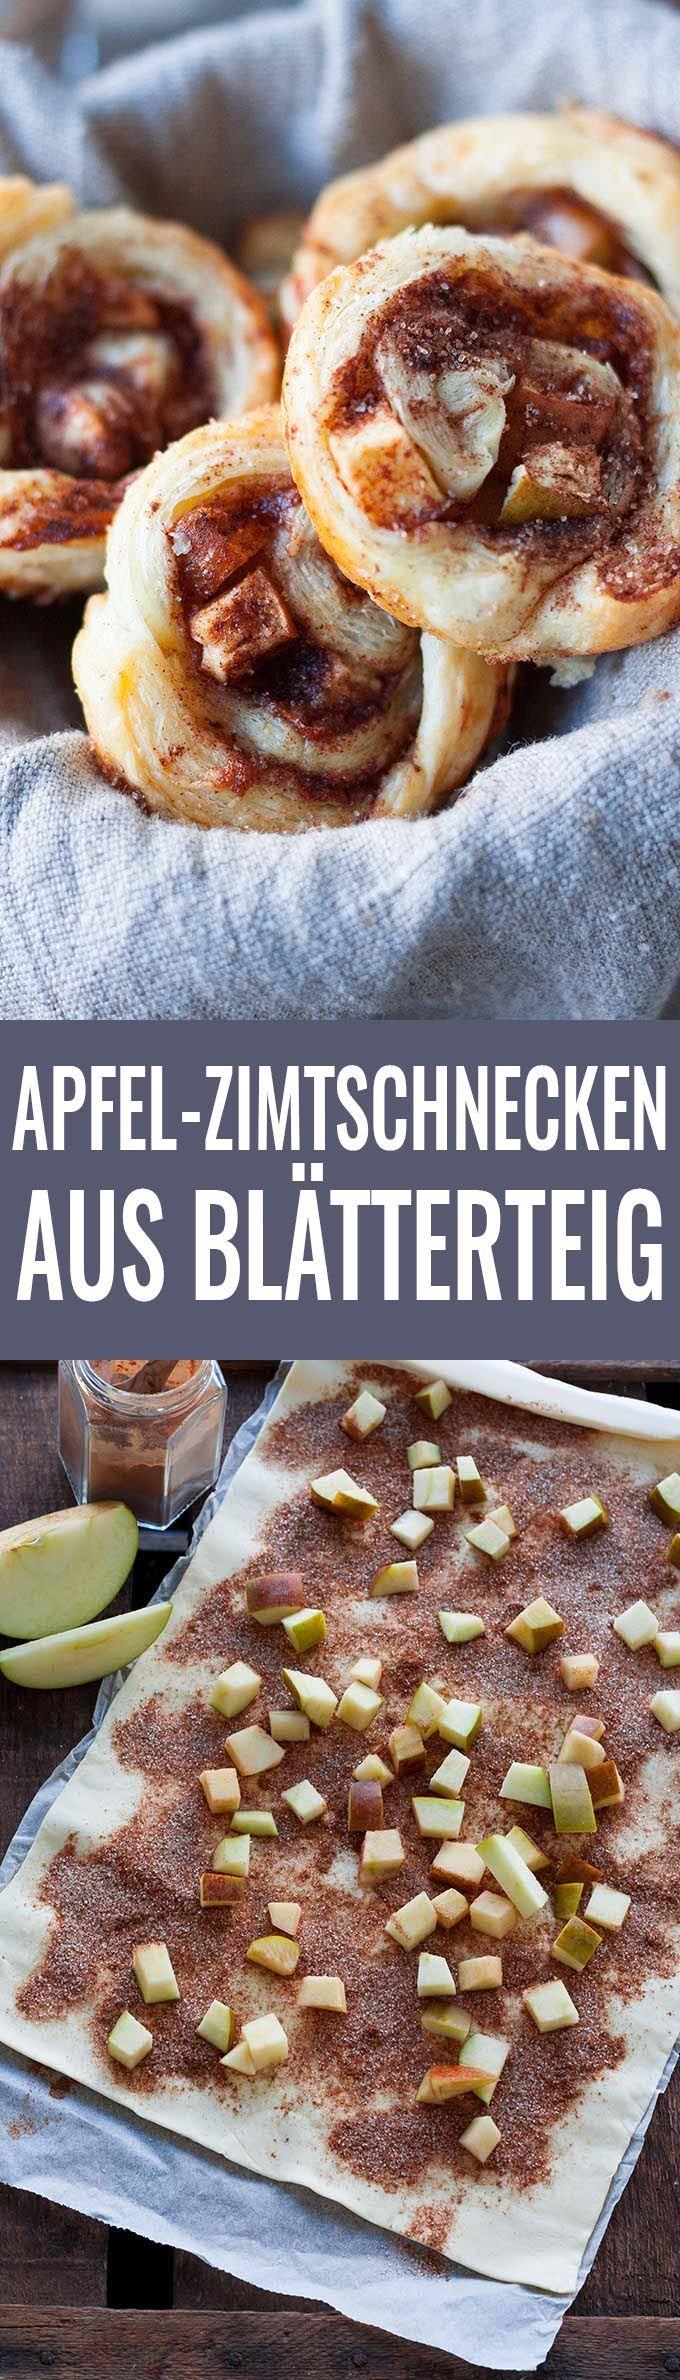 Apfel-Zimtschnecken aus Blätterteig - Kochkarussell